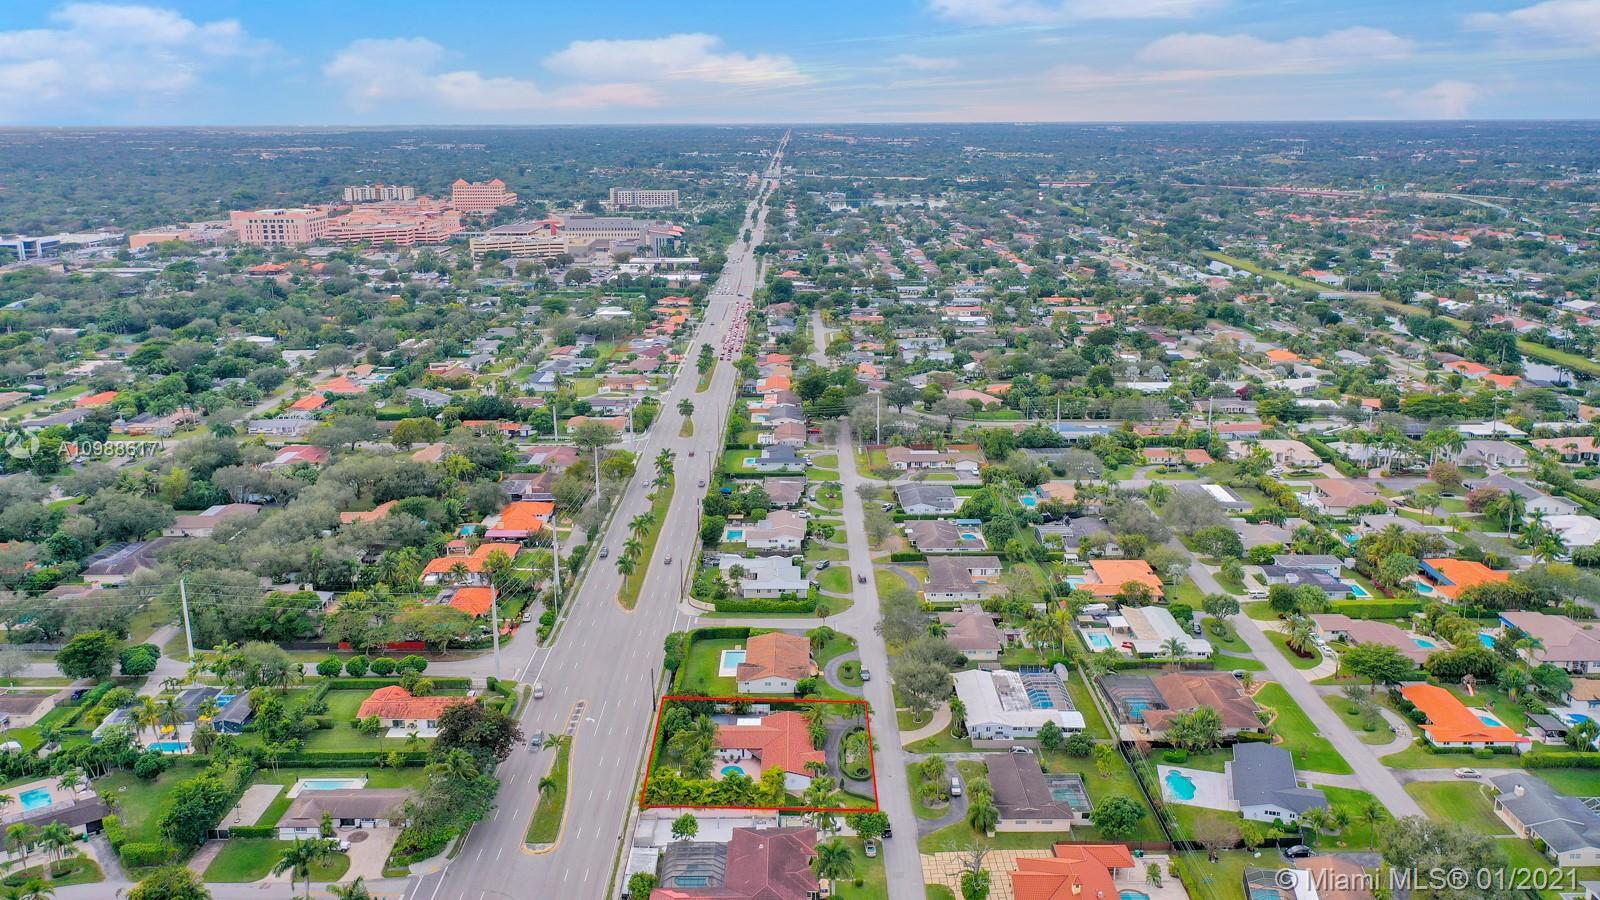 South Miami # - 07 - photo